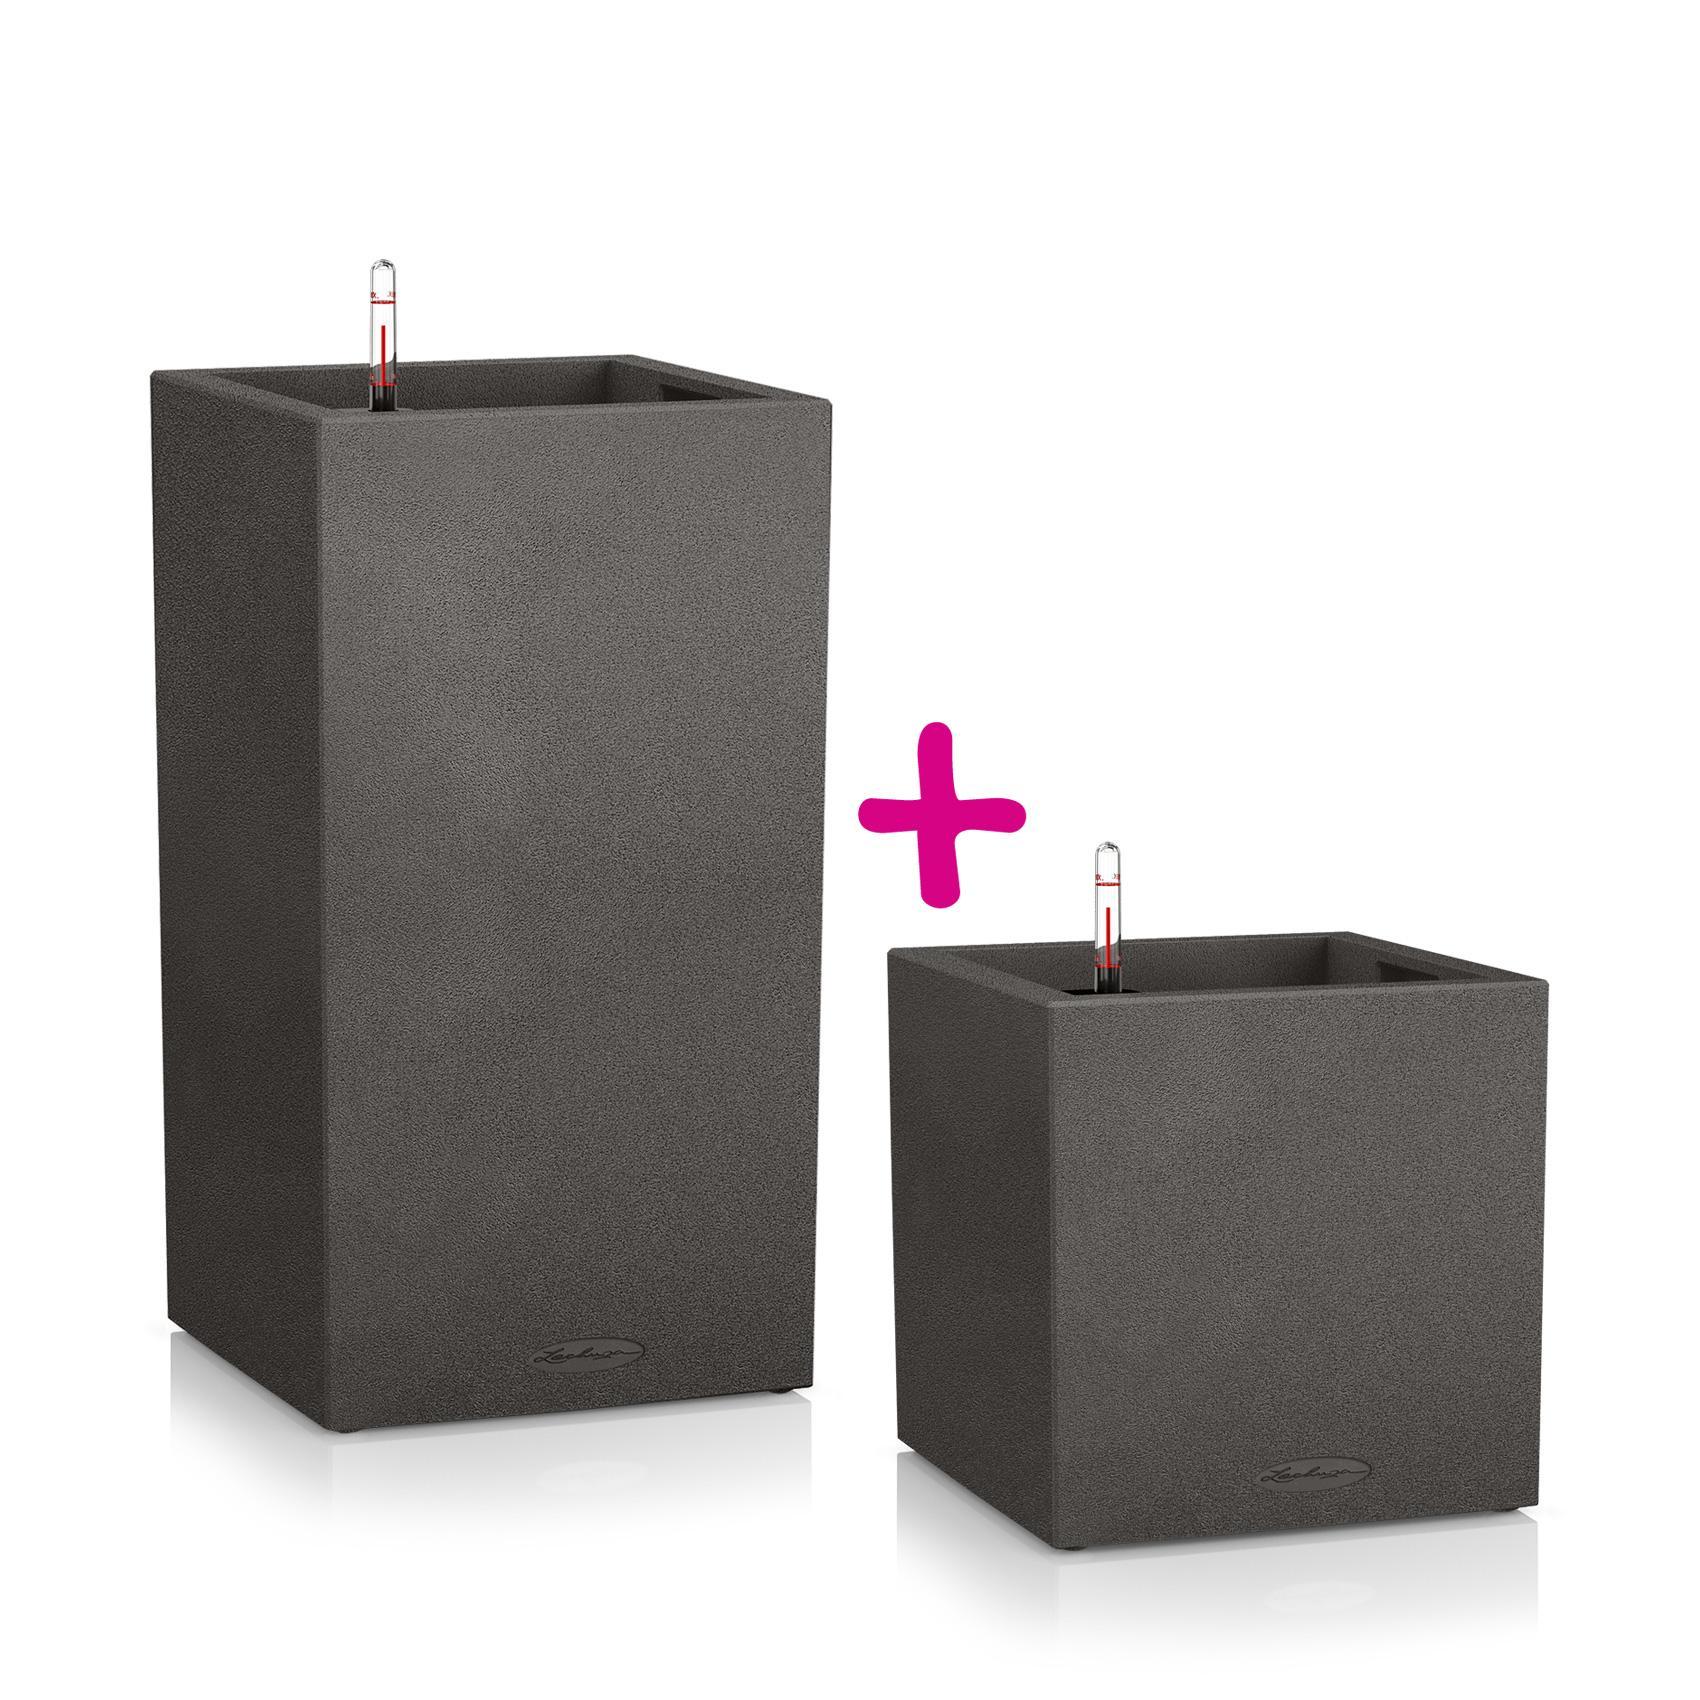 canto-stone-set_product_listingimage